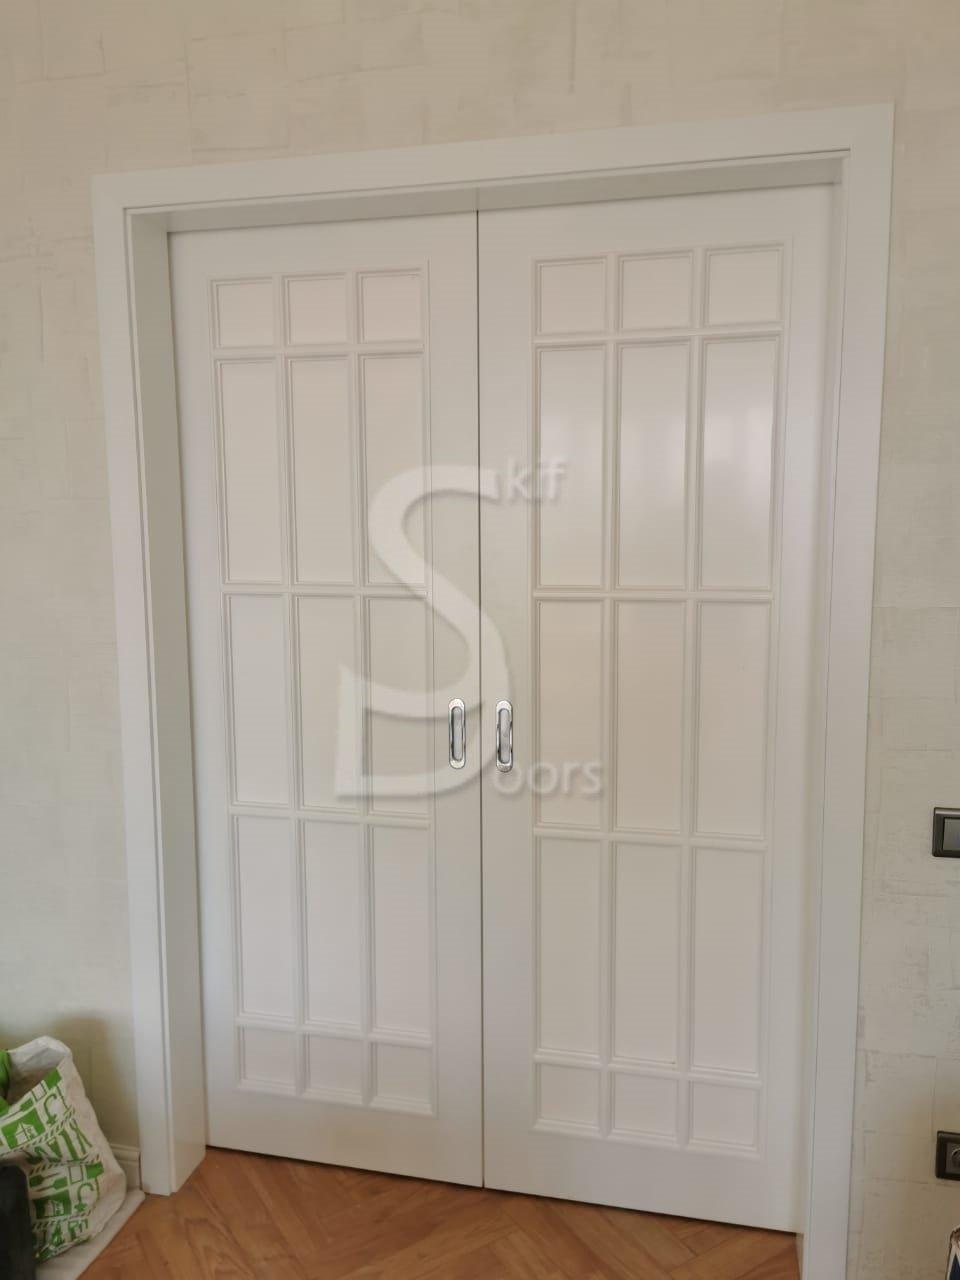 Sdoors (7)